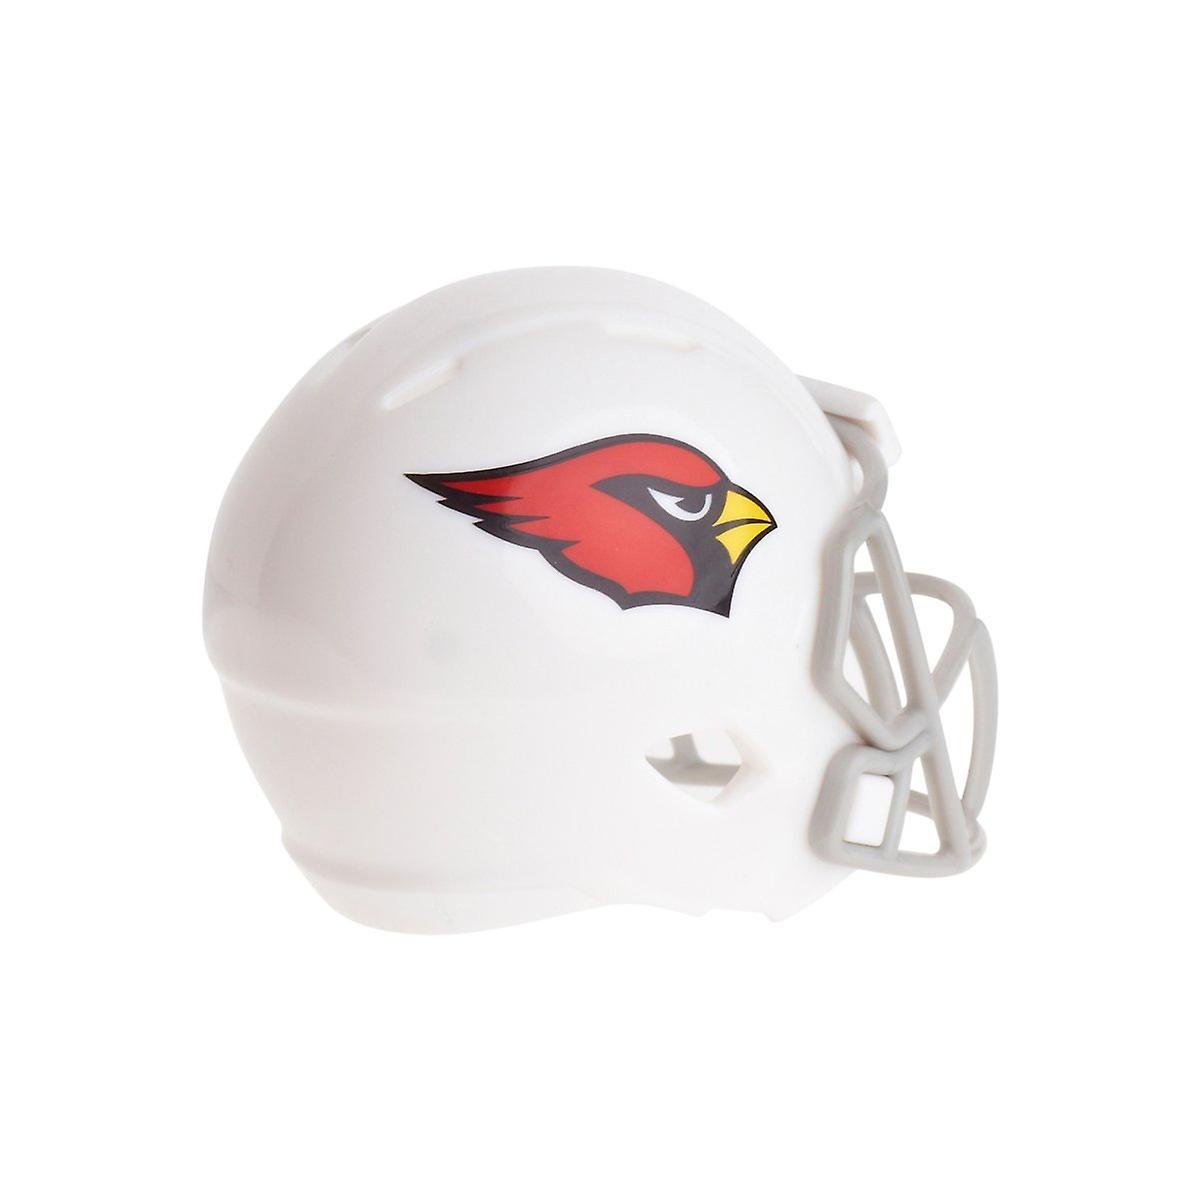 Riddell Speed Pocket Football Helm - NFL Arizona Cardinals